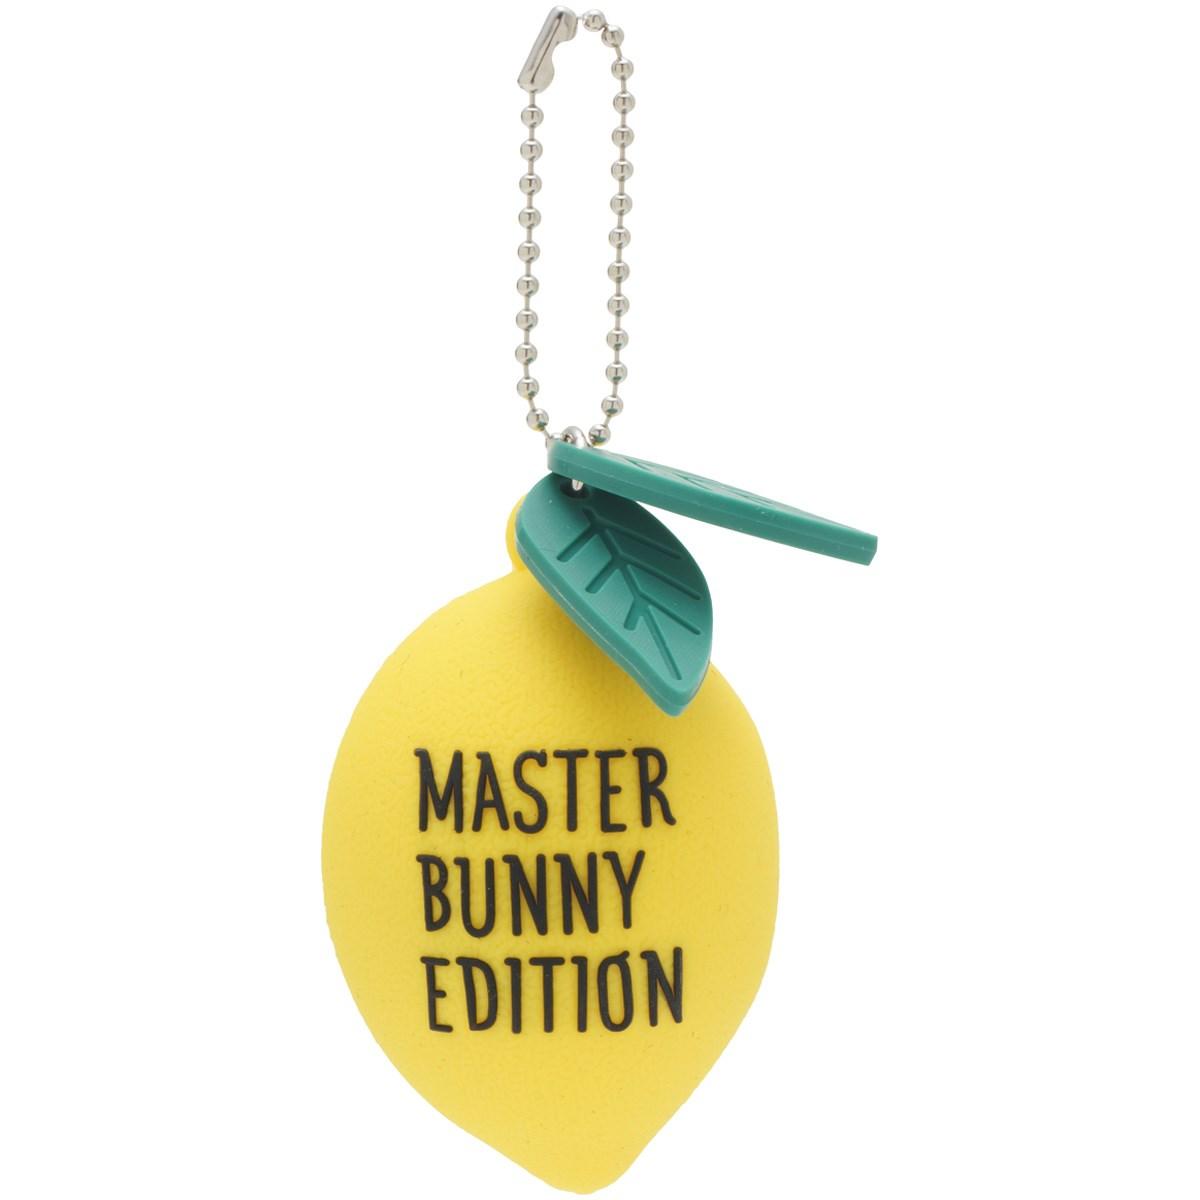 マスターバニーエディション レモン型シリコンボールホルダー